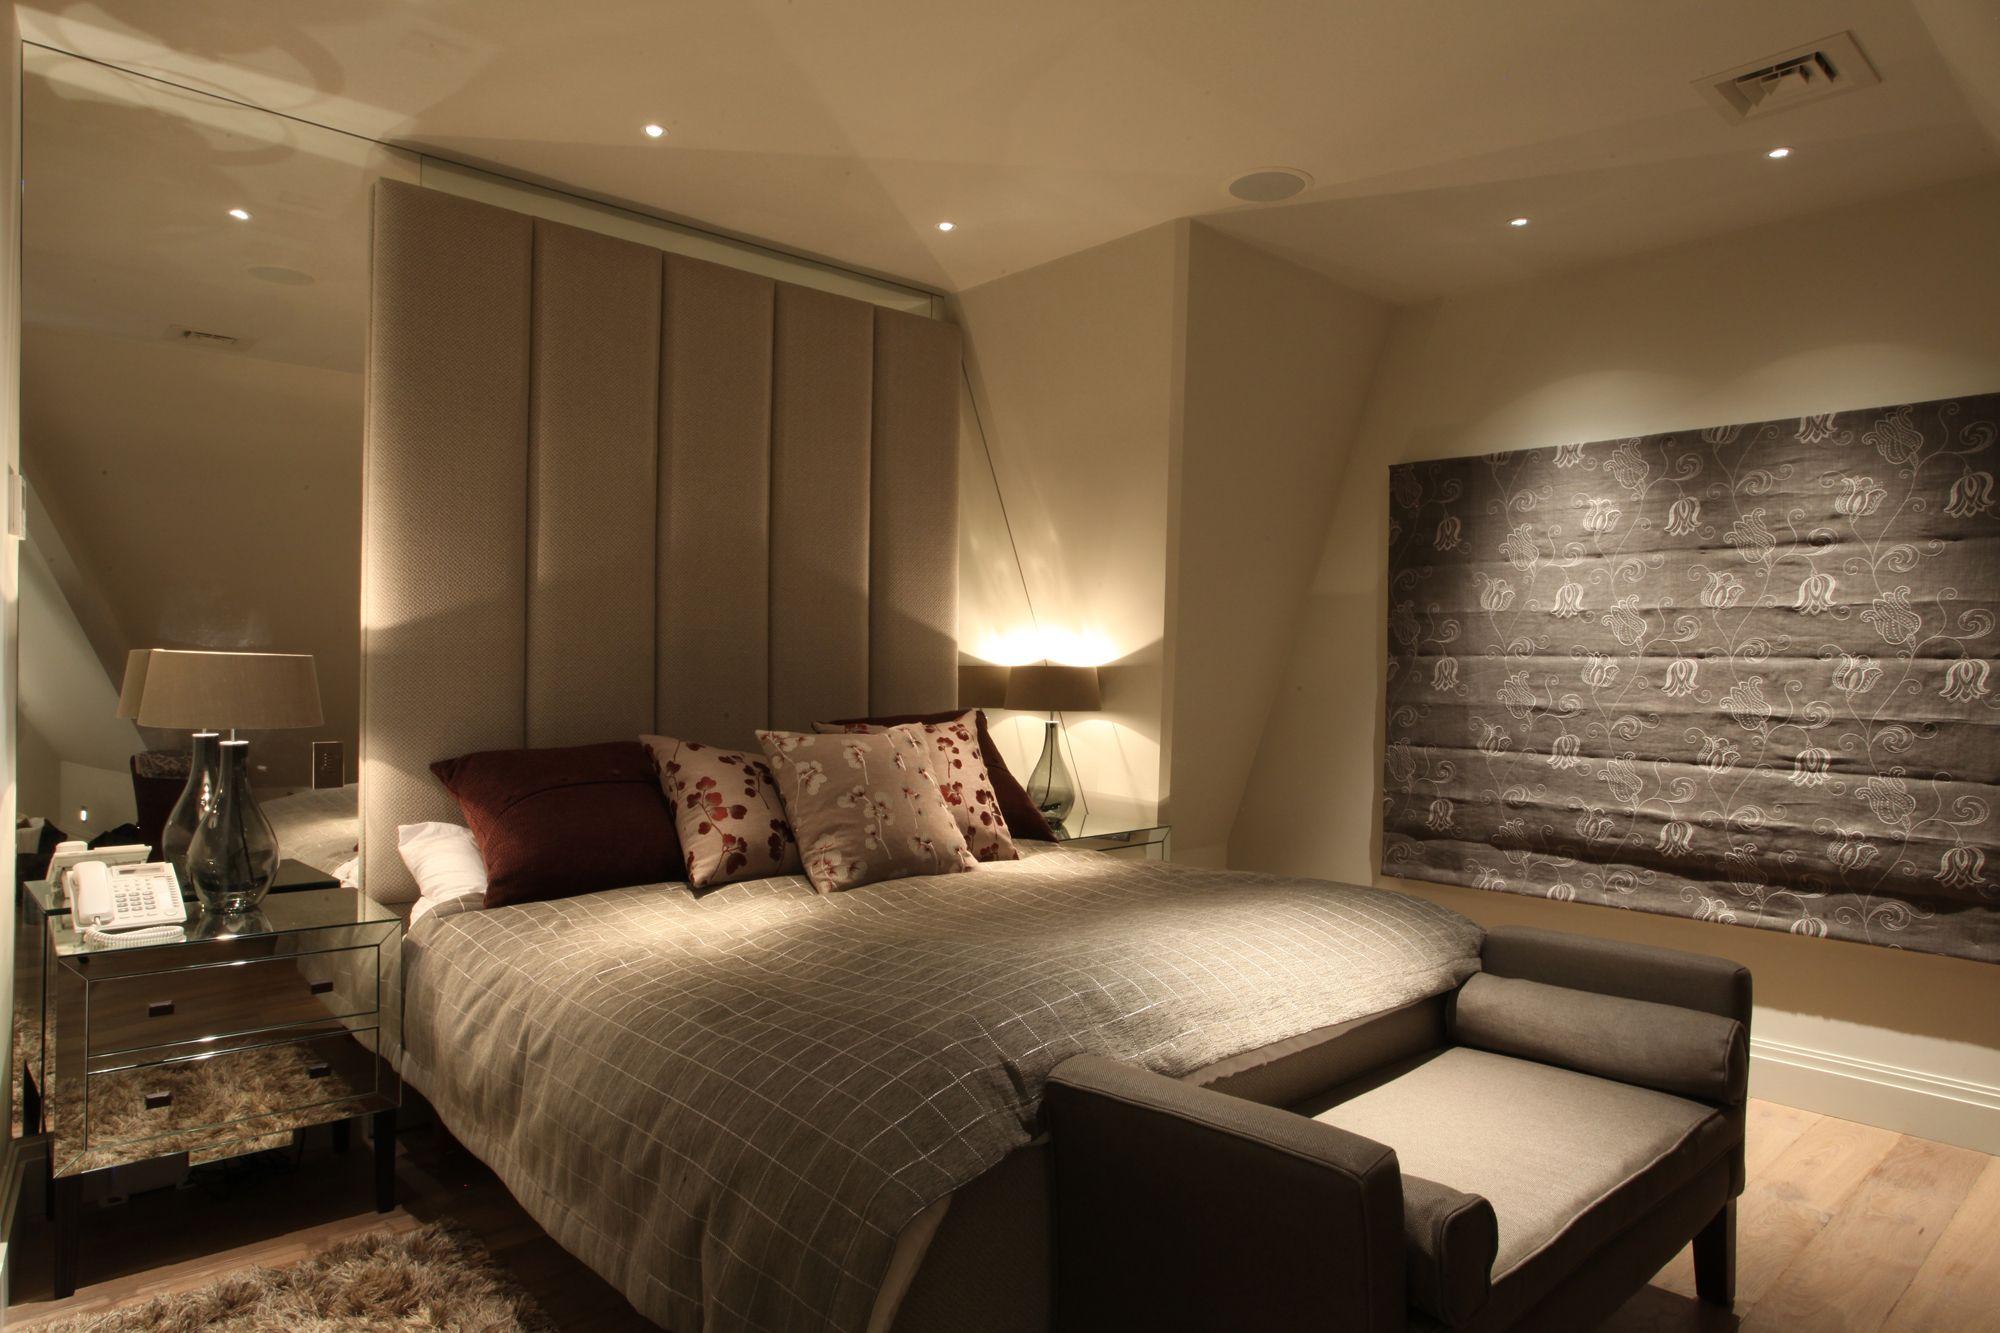 John Cullen Bedroom Lighting 37 Bedroom Lighting Design Master Bedroom Interior Design Master Bedroom Lighting